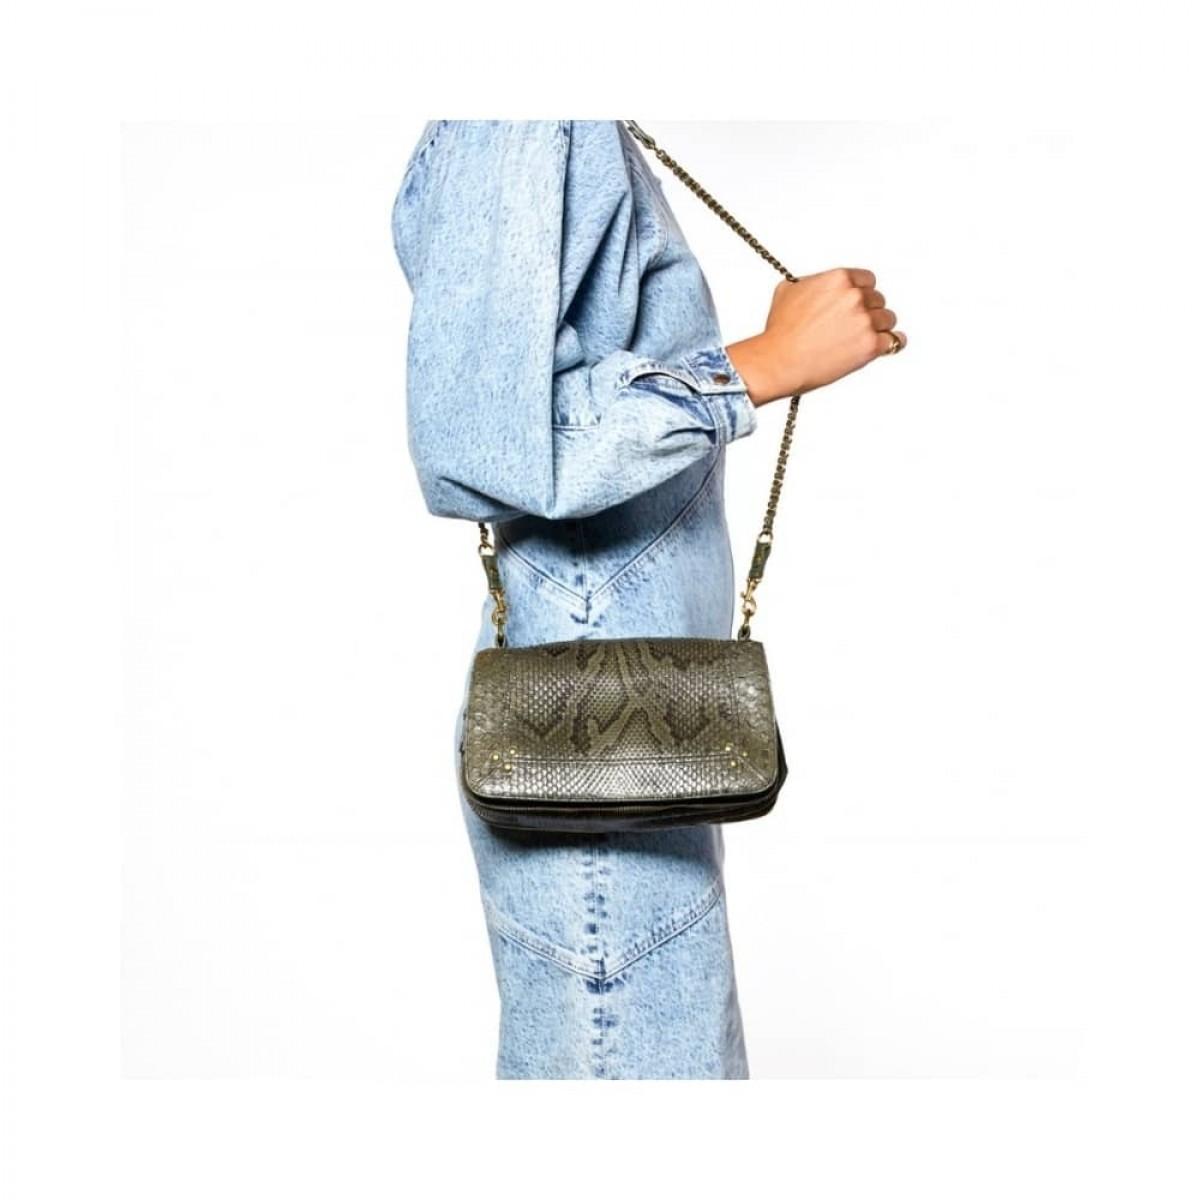 bobi python taske - olive - model fra siden